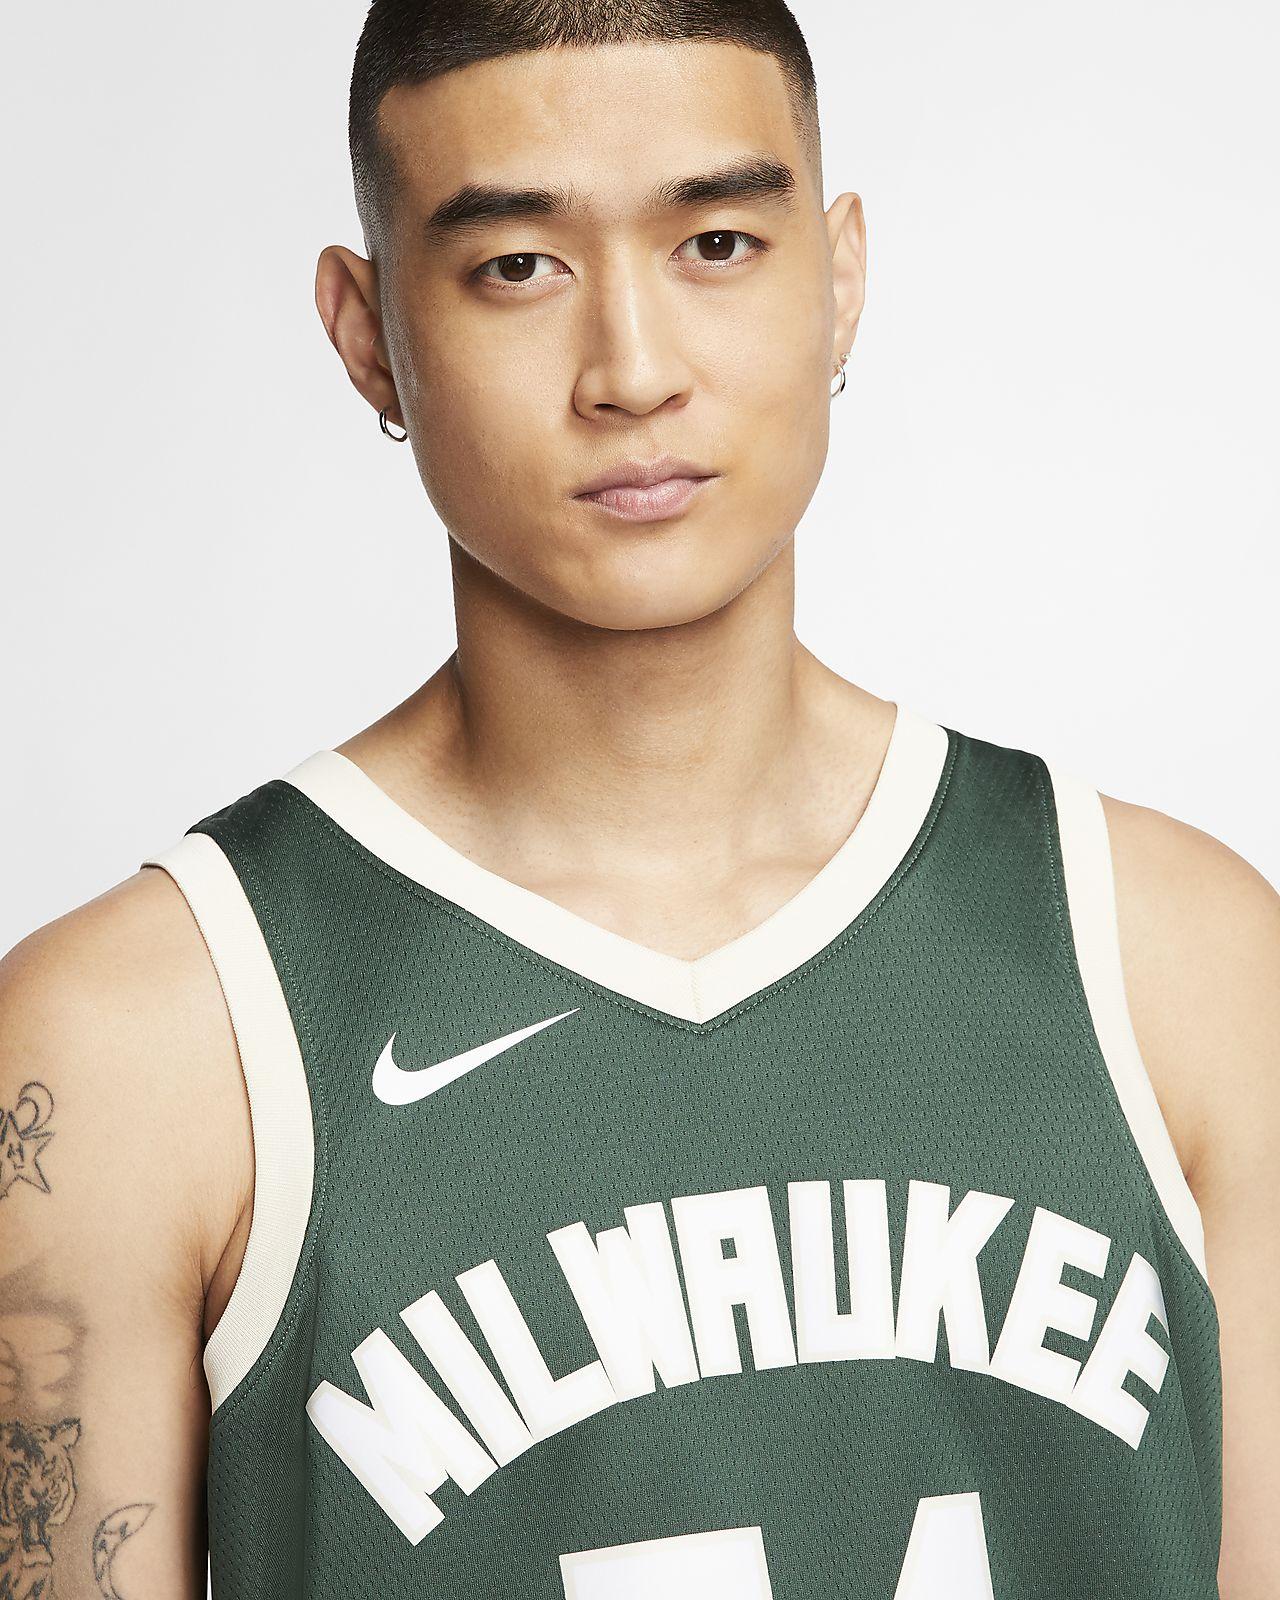 Maglia Nike NBA Giannis Antetokounmpo Milwaukee Bucks Icon Swingman Fir